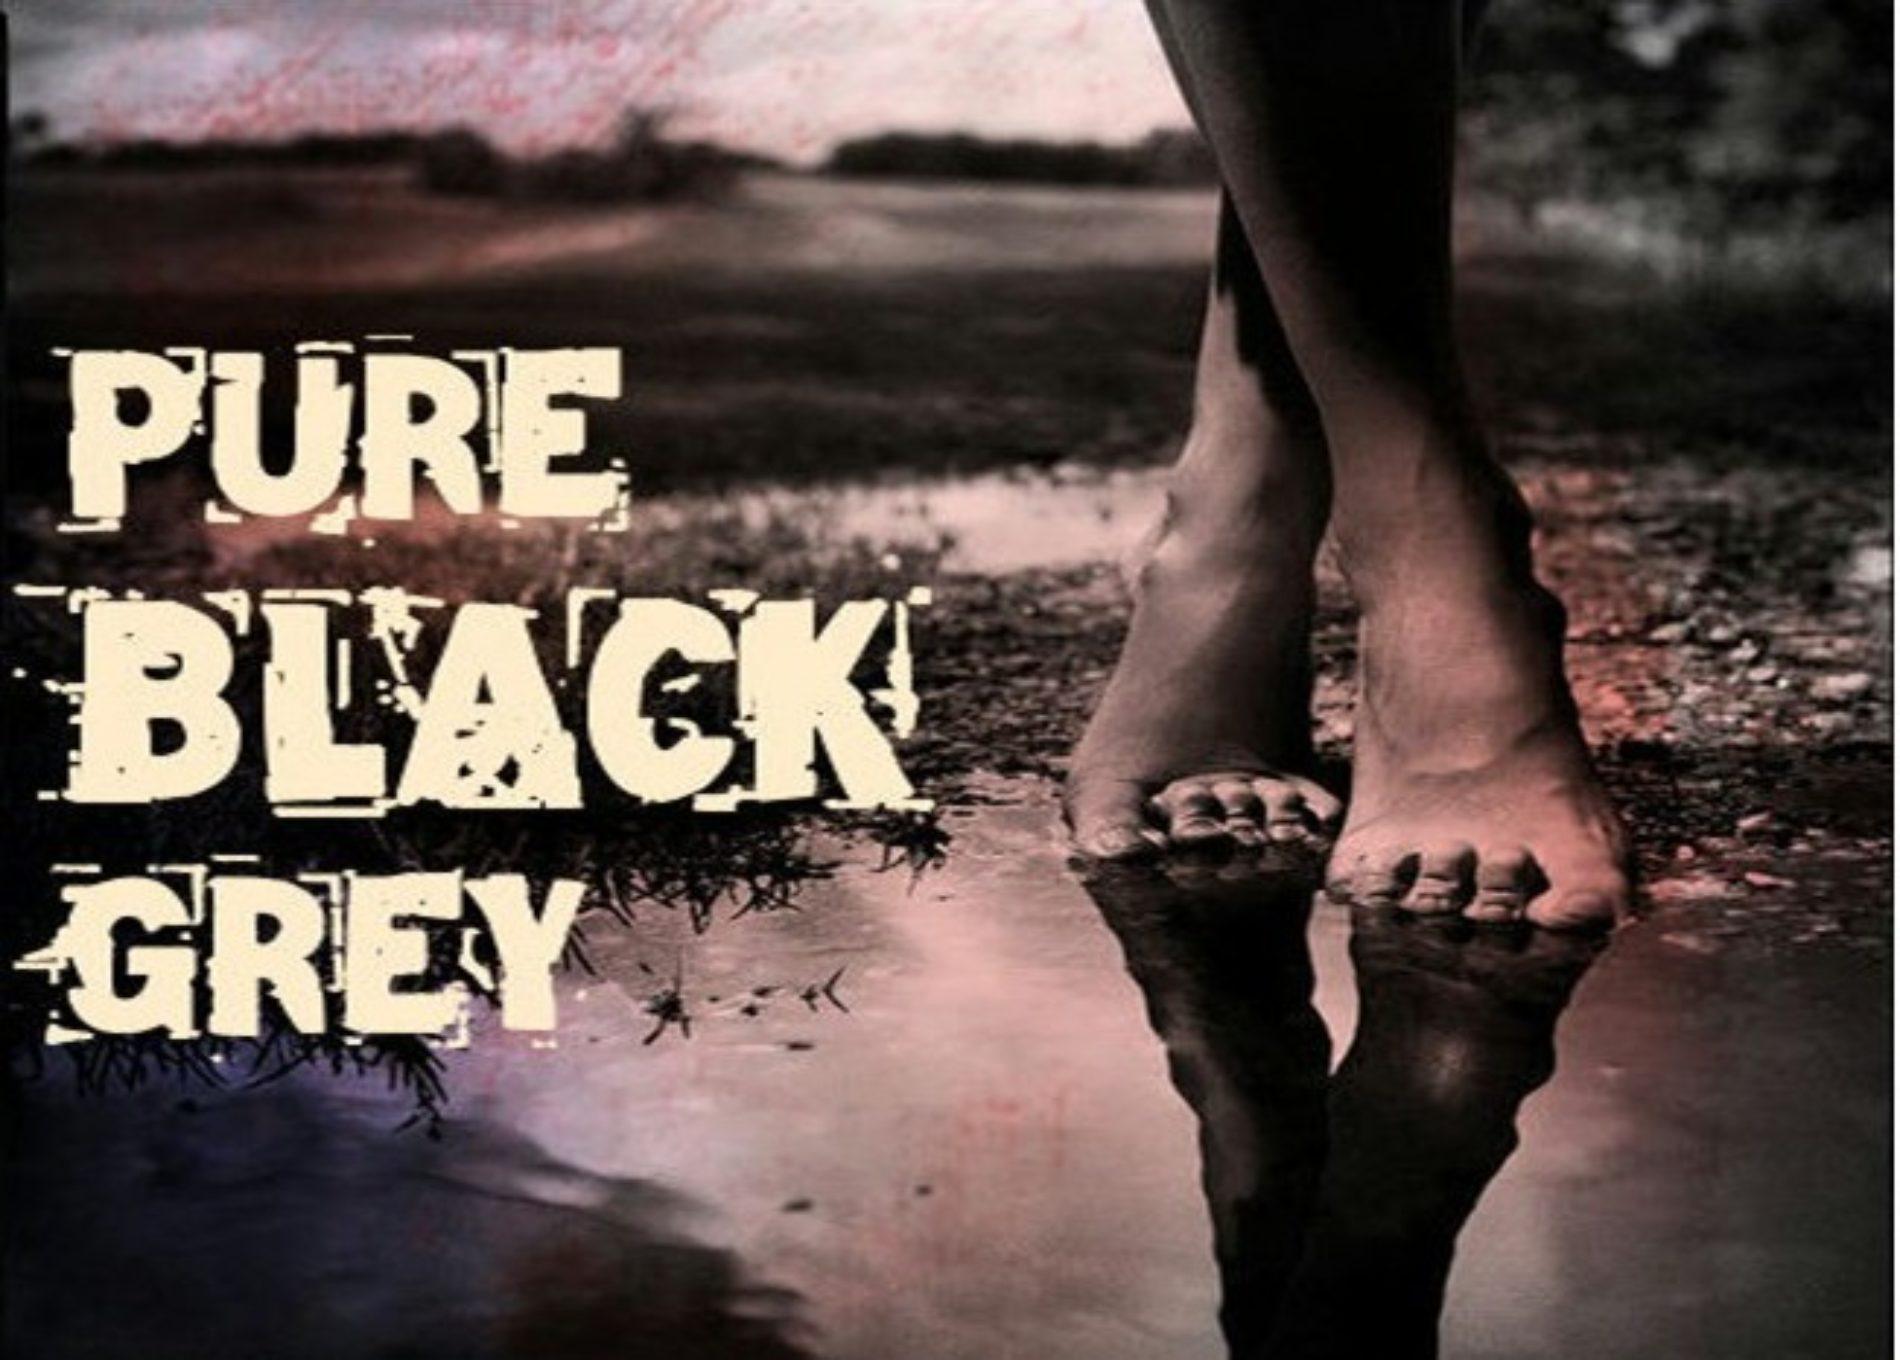 PURE BLACK GREY (Episode 4)